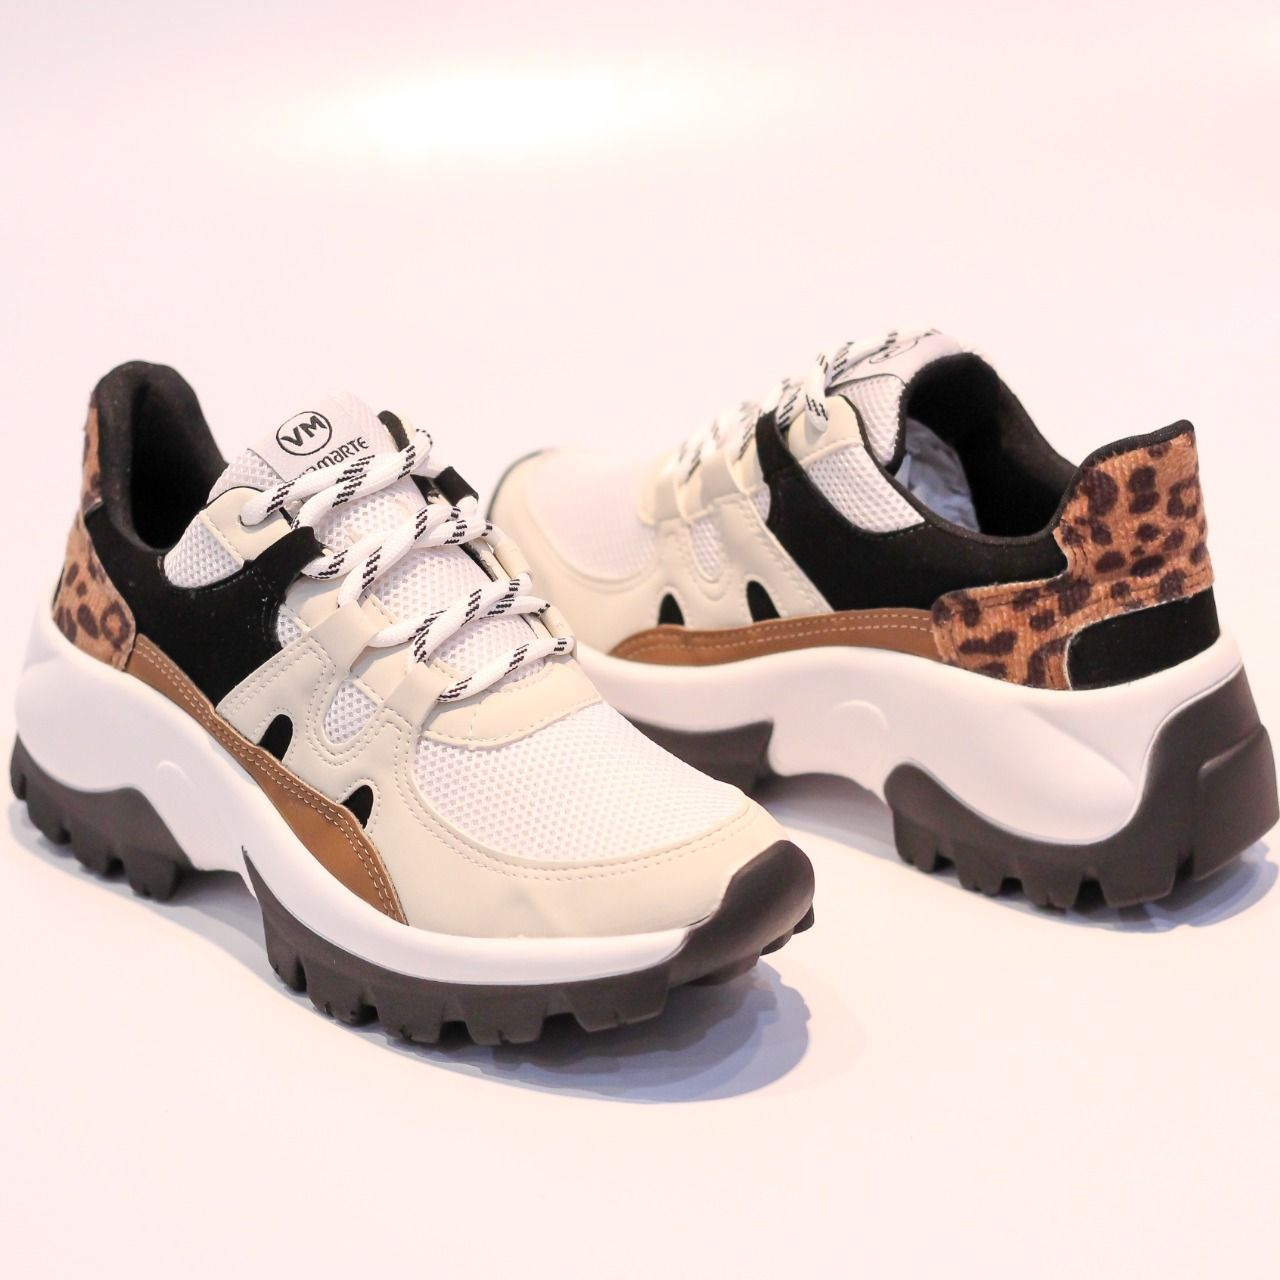 Tênis Chunky Sneaker Via Marte 20-7604 Branco/Preto/Centeio